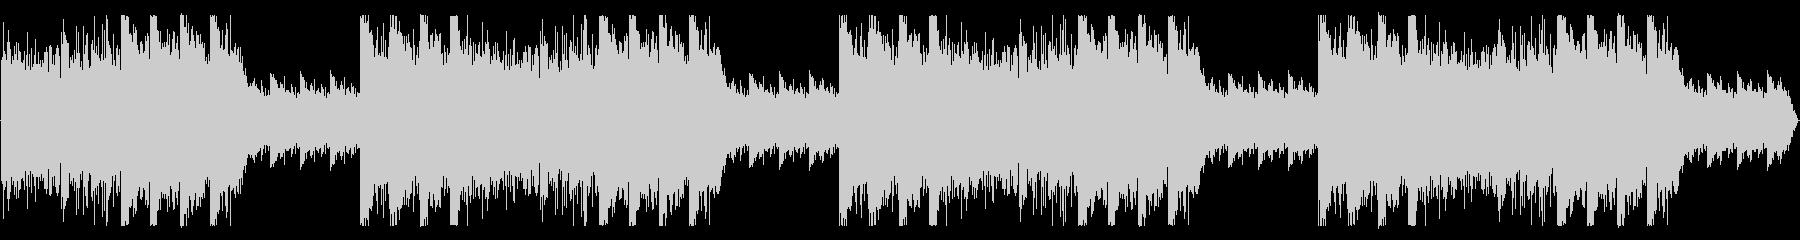 ダーク、怪しい雰囲気のBGMの未再生の波形